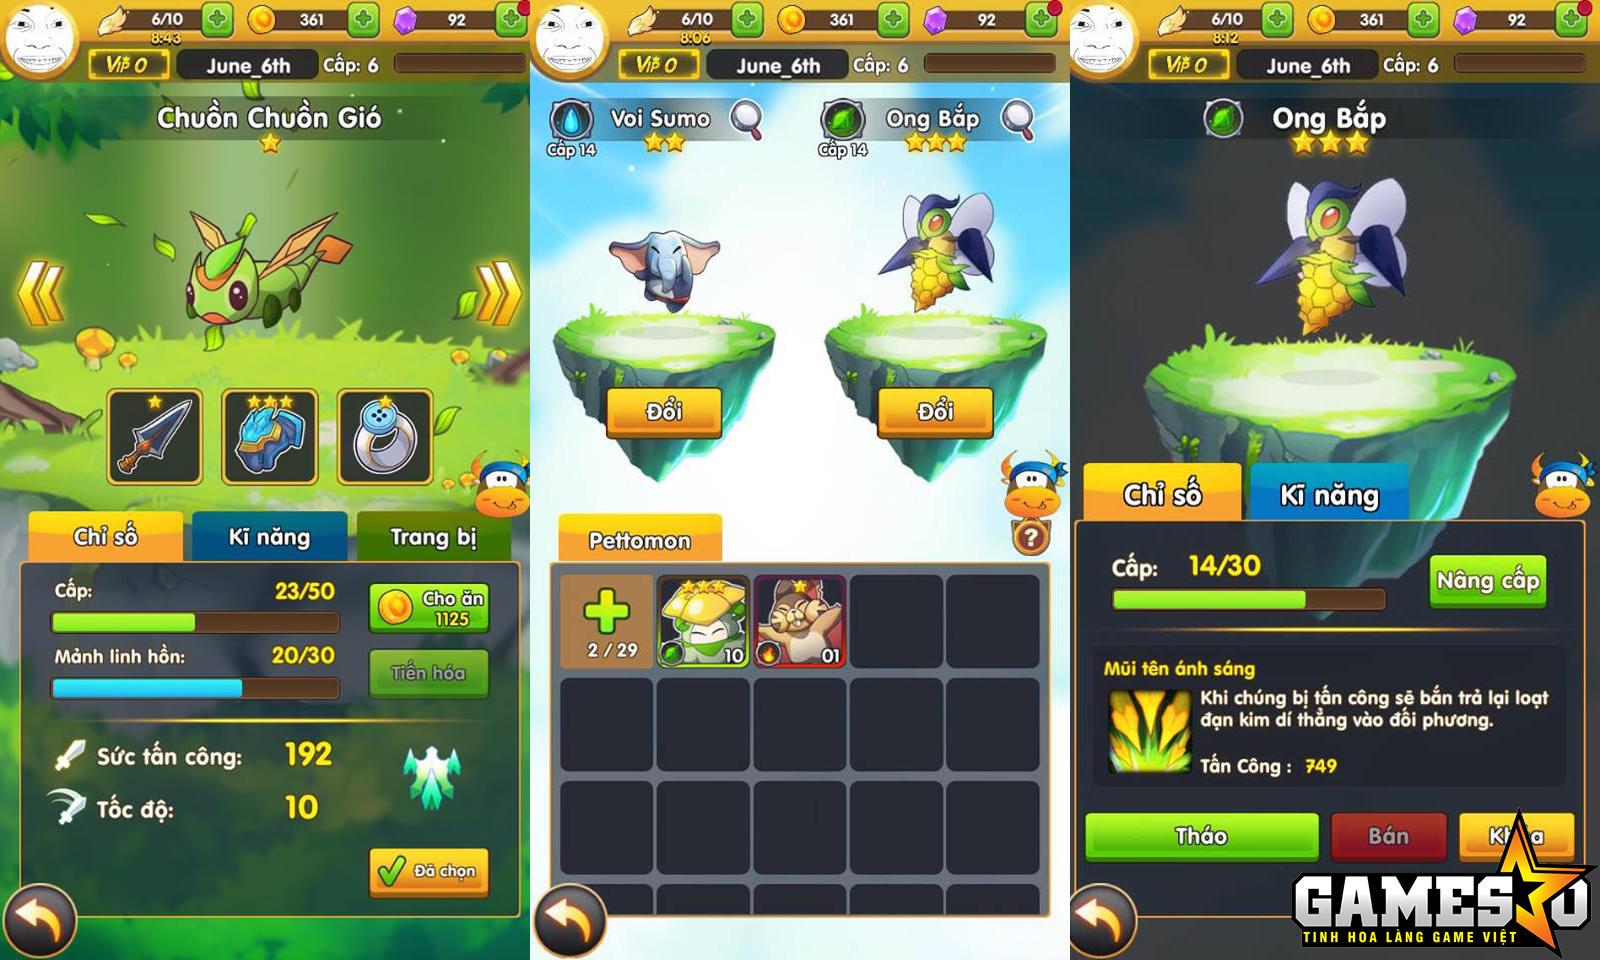 Lối chơi của Phi Đội Mobile xoay quanh việc nâng cấp và điều khiển một Okimon cùng hai Pettomon vượt qua các chướng ngại vật trong mỗi màn chơi